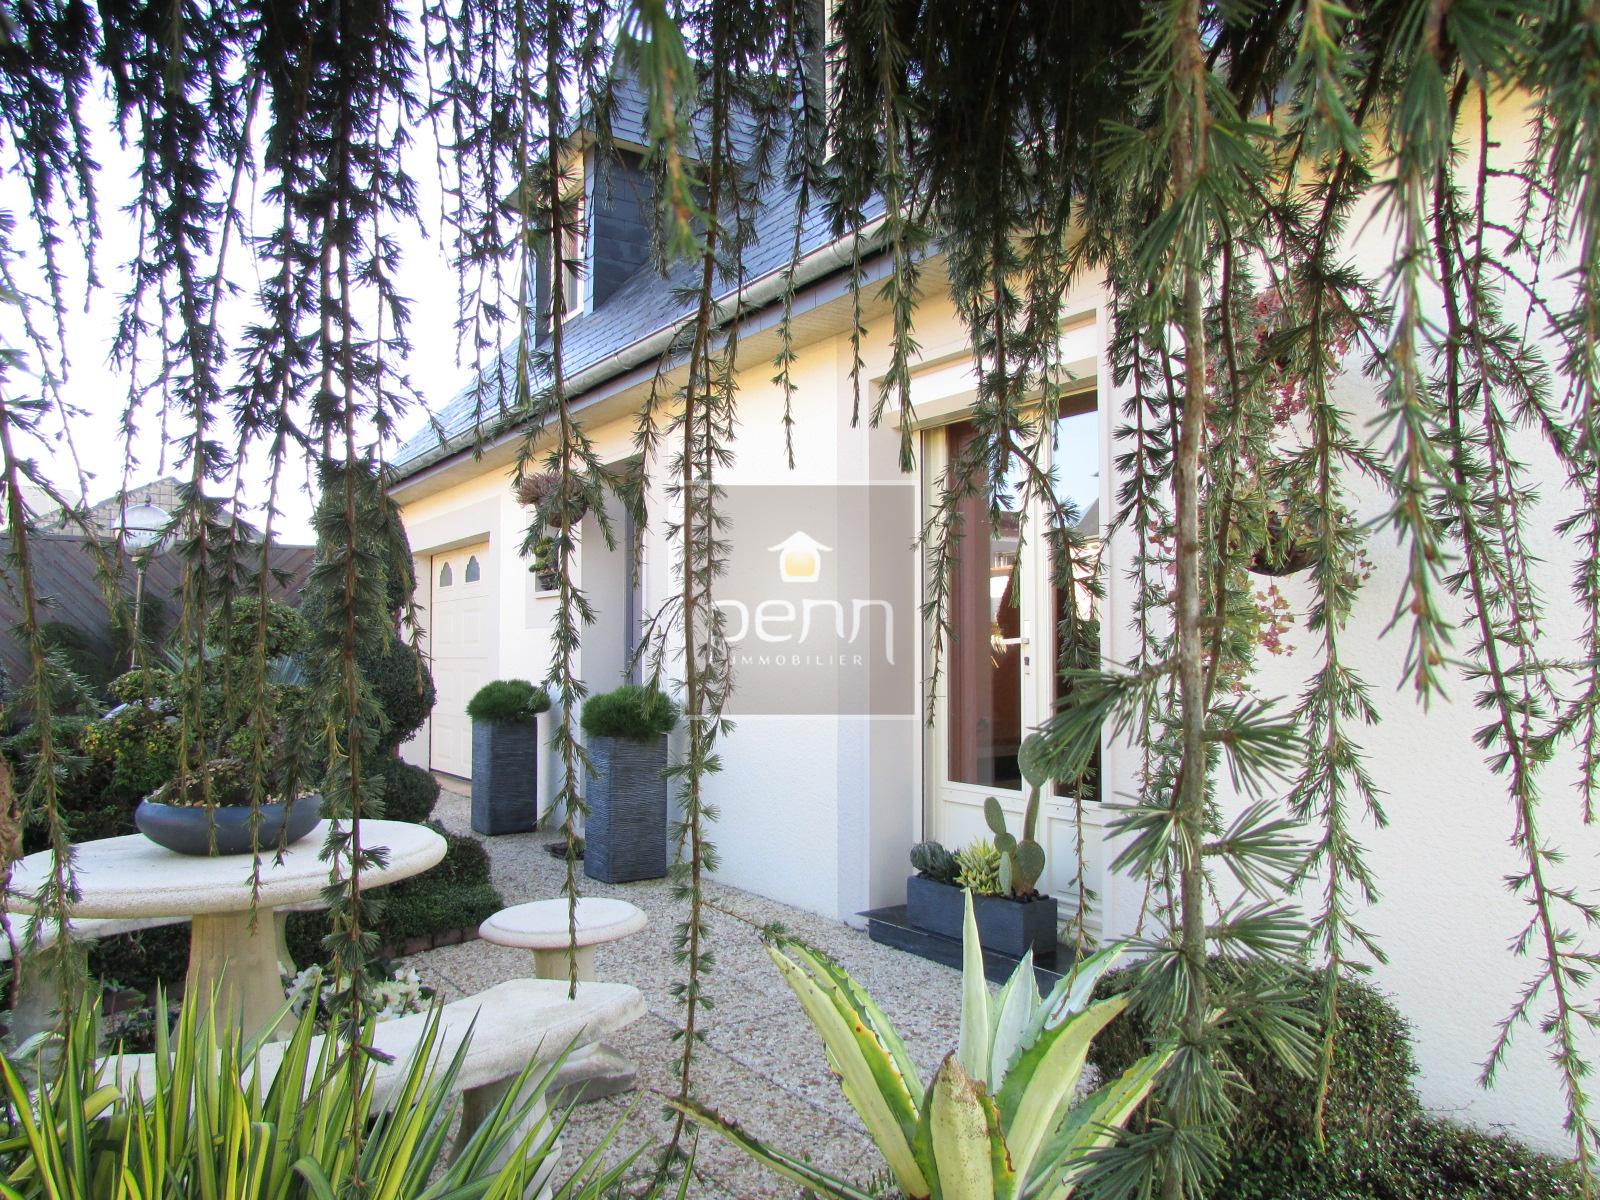 Vente Maison Avec Beau Jardin Penn Immobilier